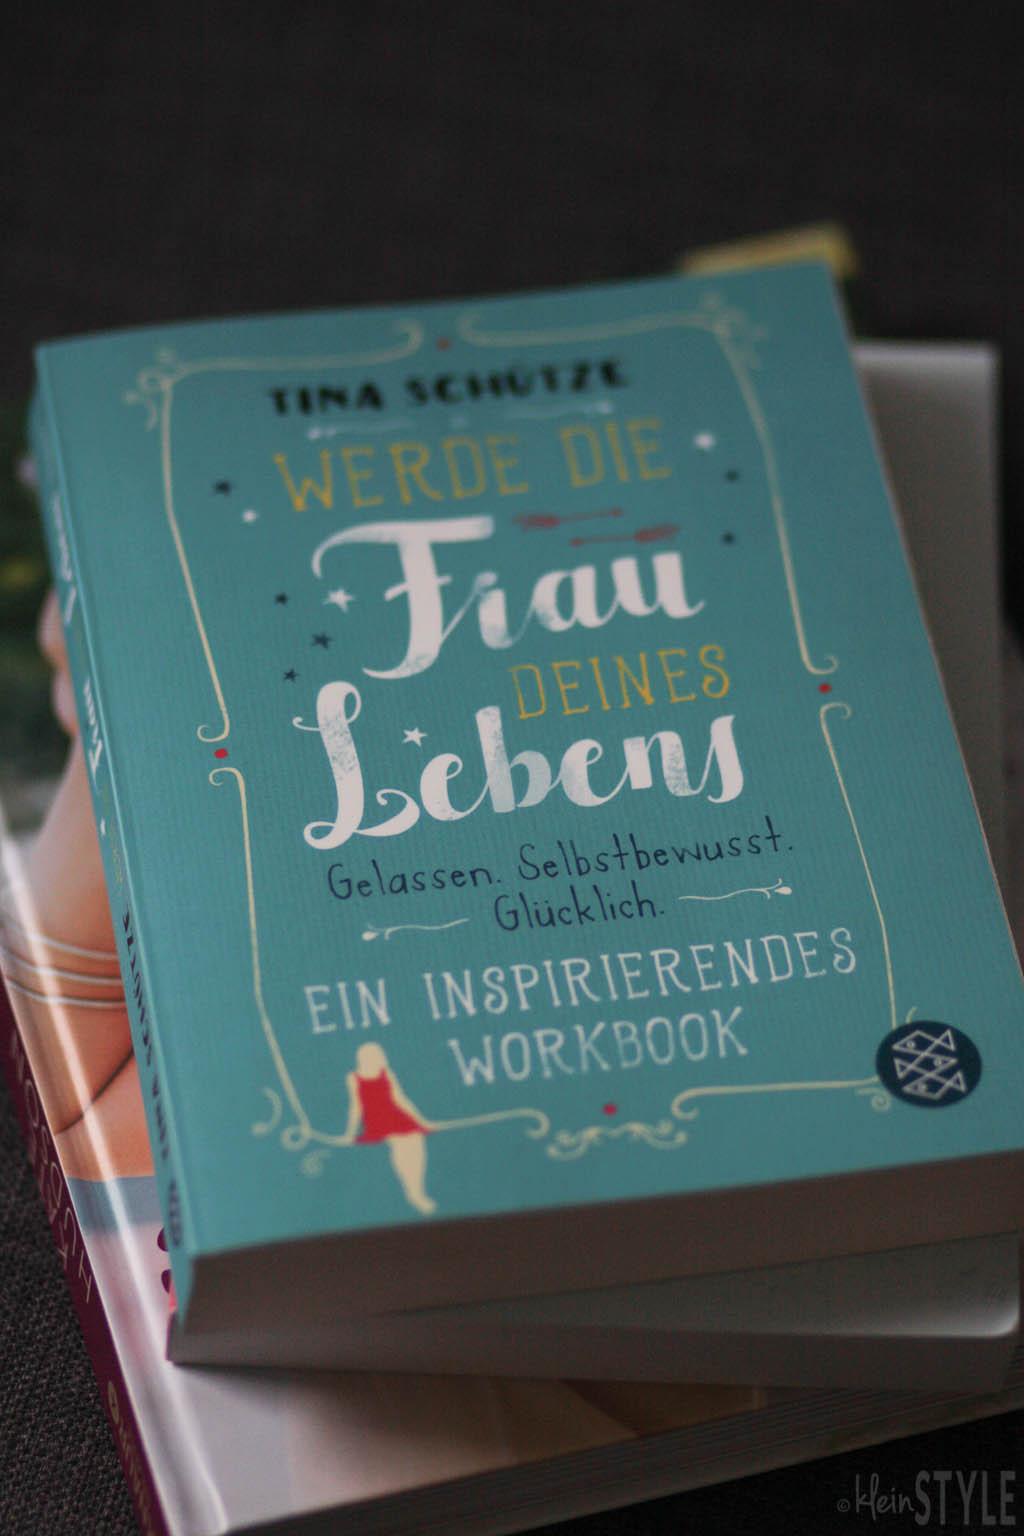 Werde die Frau deines Lebens von Tina Schuetze - Gelasssen, Selbstbewusst, Gluecklich- Ein inspirierendes Workbook